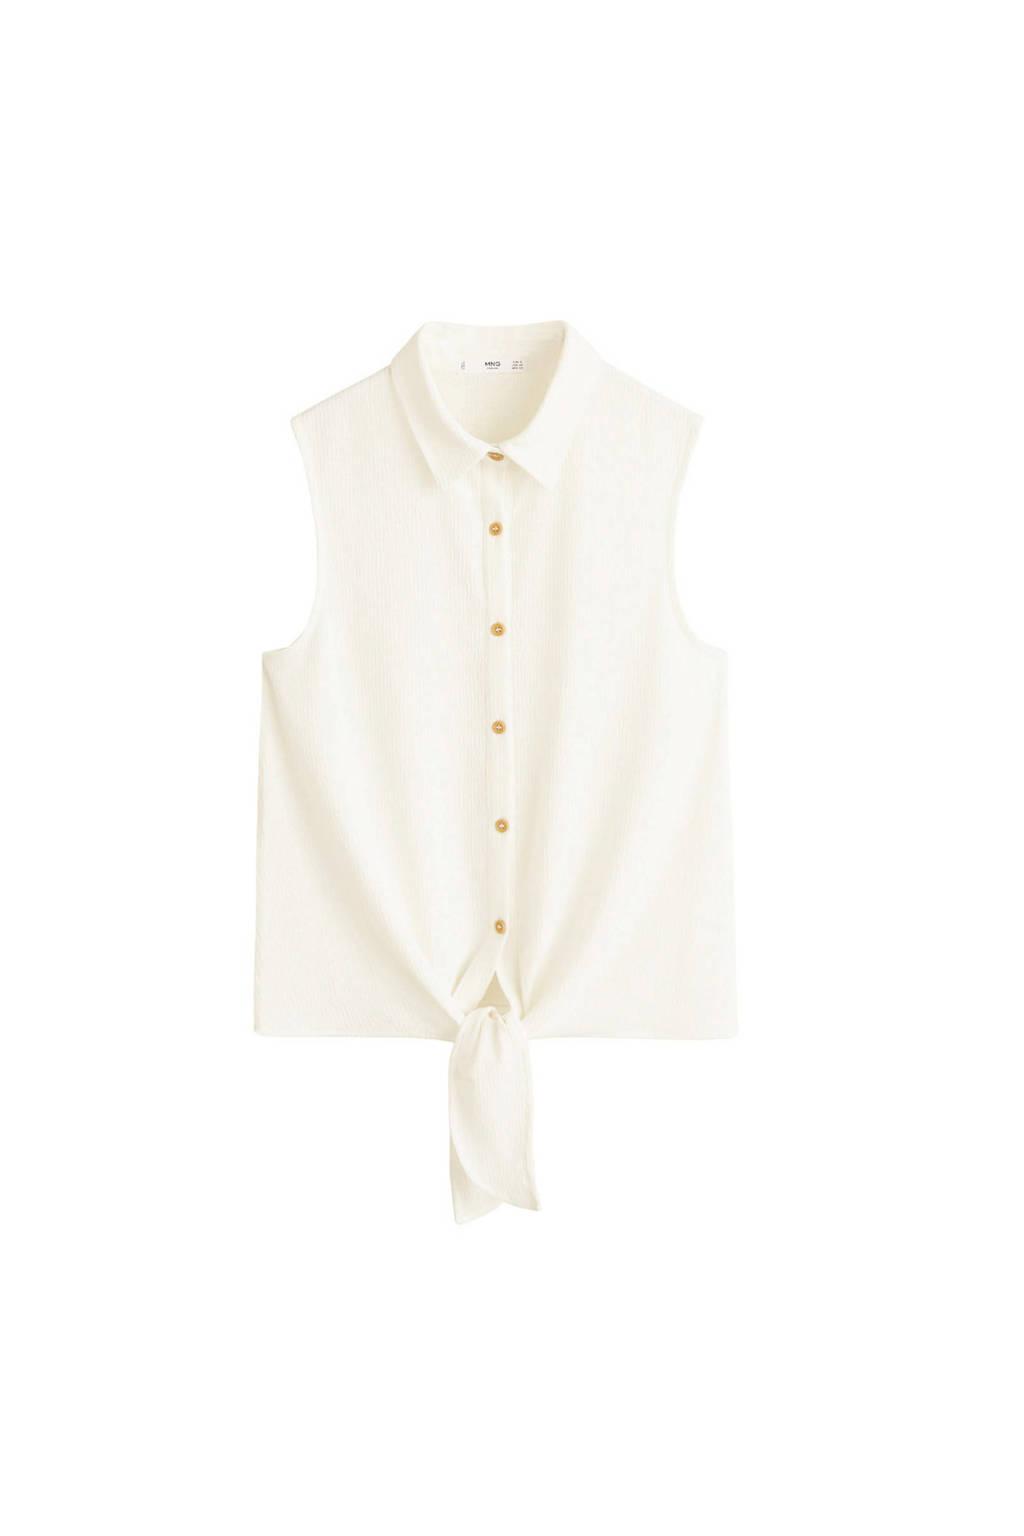 breed bereik informatie vrijgeven op enorme selectie van Mango mouwloze blouse met knoopdetail wit | wehkamp